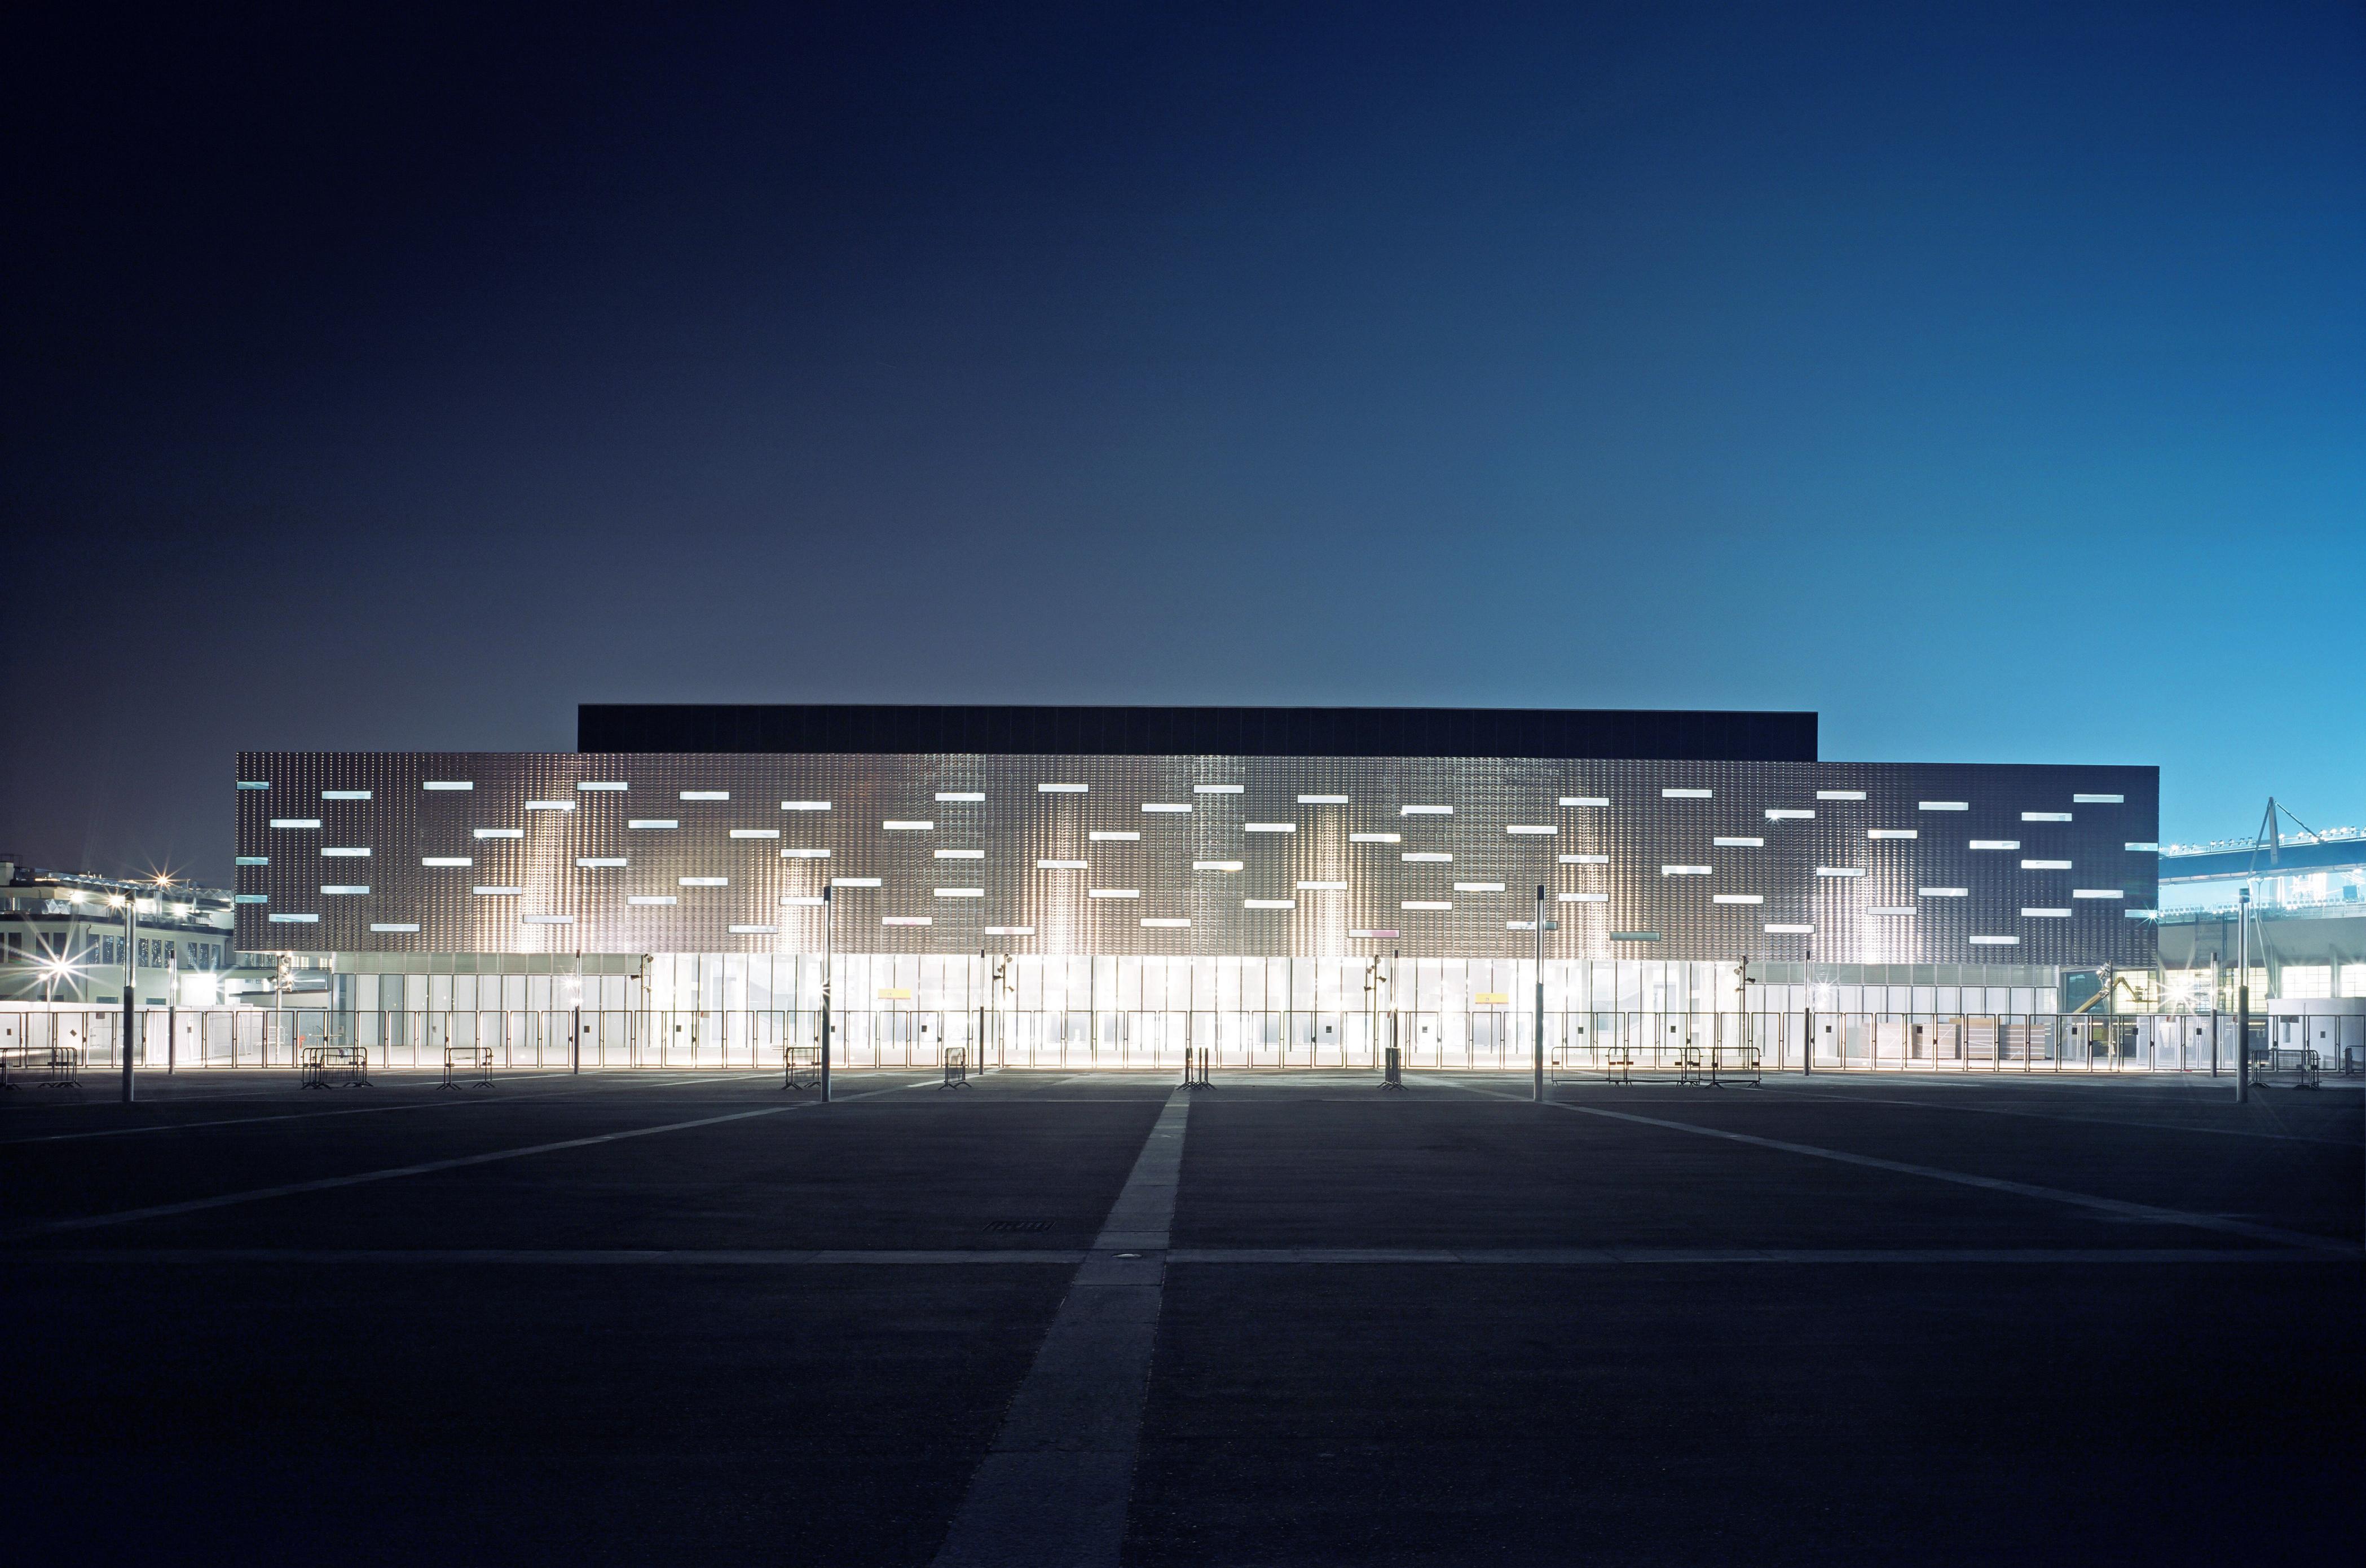 El Pala Alpitour, un recinto deportivo multiusos en Turín, Italia. Tiene una capacidad para 12,350 personas y es el estadio cubierto más grande de Italia. Fue construido para los Juegos Olímpicos de Invierno de 2006.